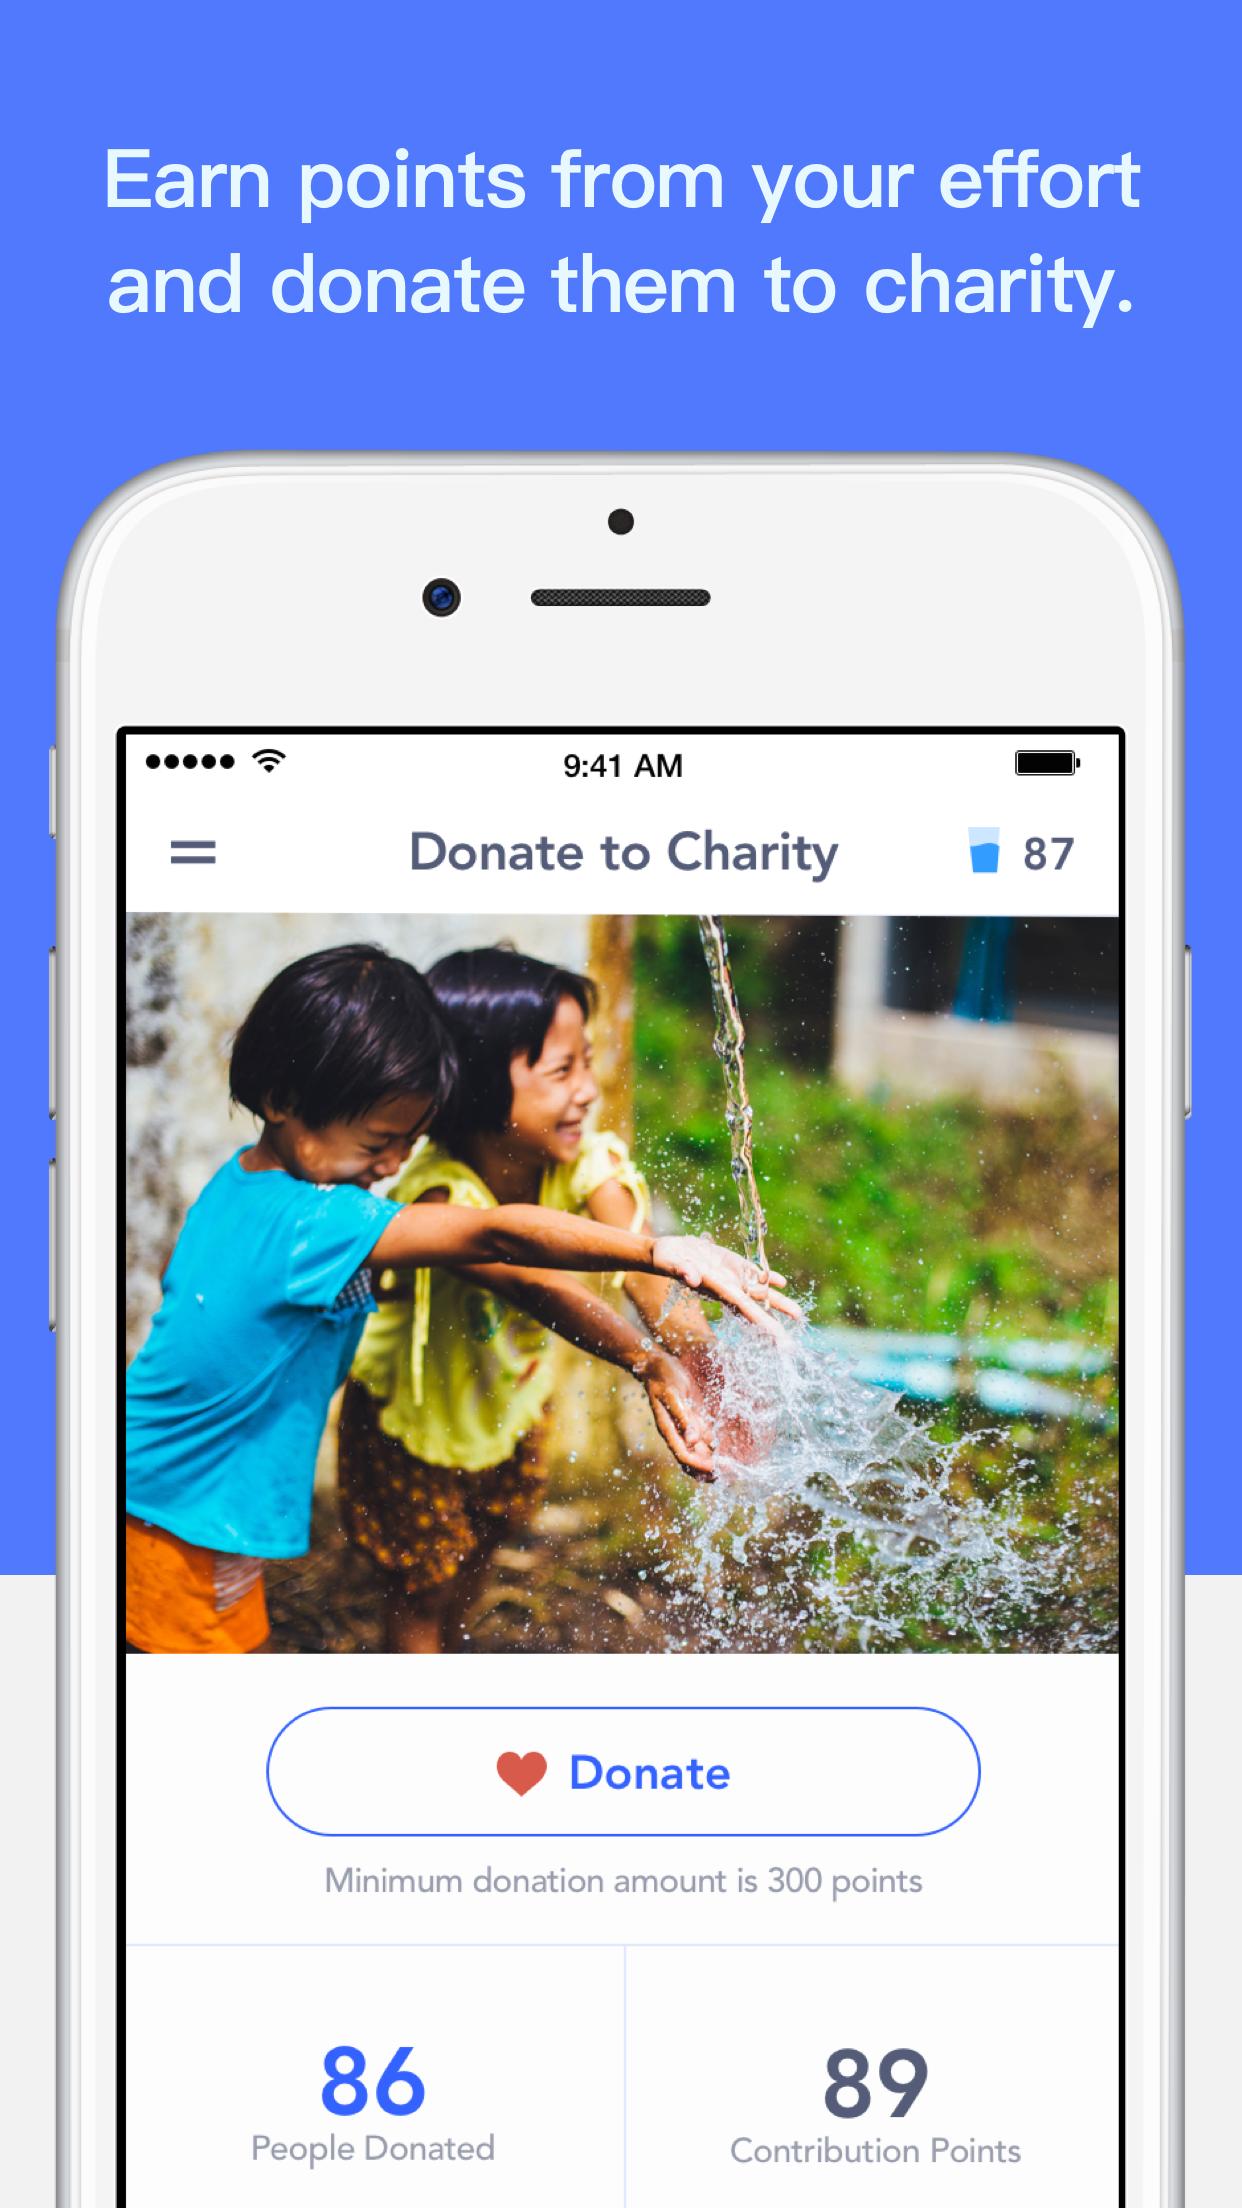 Screenshot - iPhone 6 Plus - Donate.png